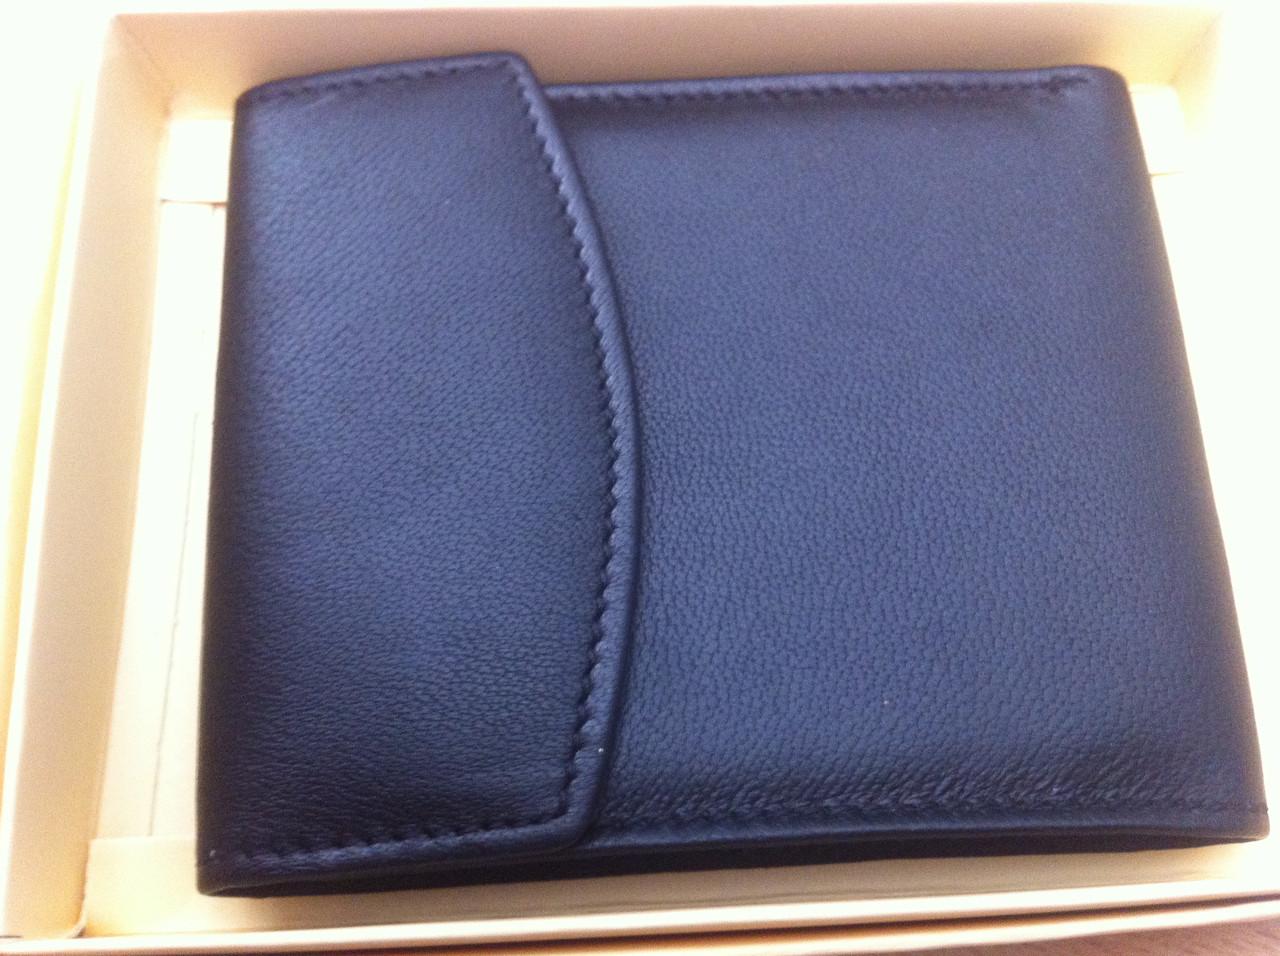 219f50b62753 РАСПРОДАЖА Молодежный тонкий мужской кошелек натуральная кожа портмоне  черное хорошего качества по низкой цене - Інтерент